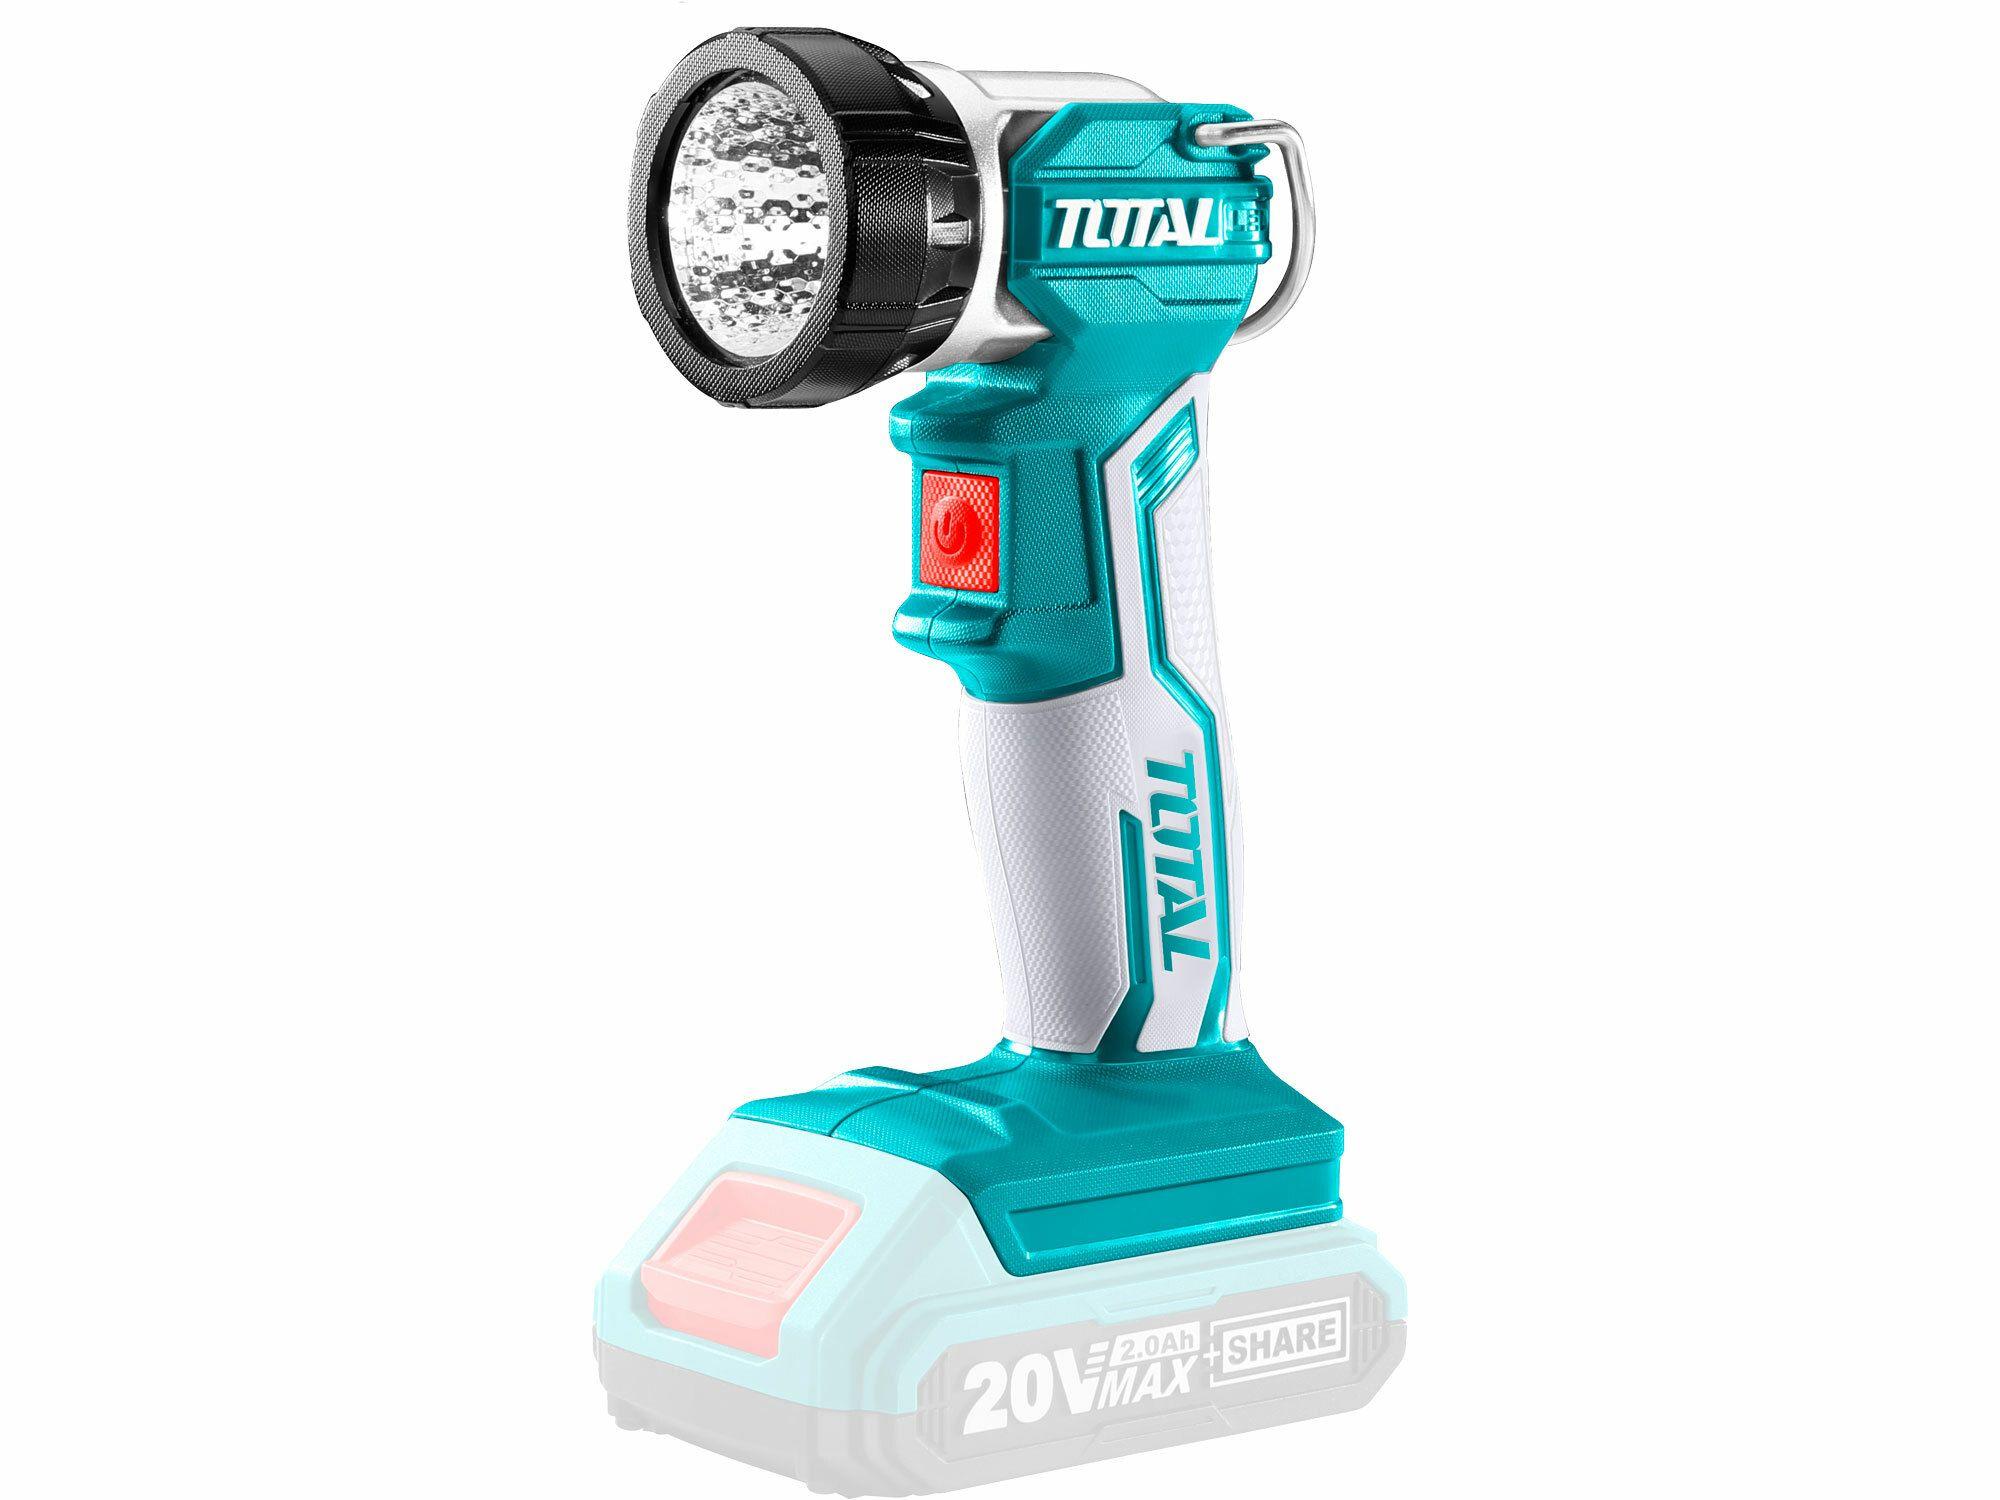 Světlo pracovní závěsné, 20V Li-ion, 2000mAh, industrial - bez baterie a nabíječky TOTAL